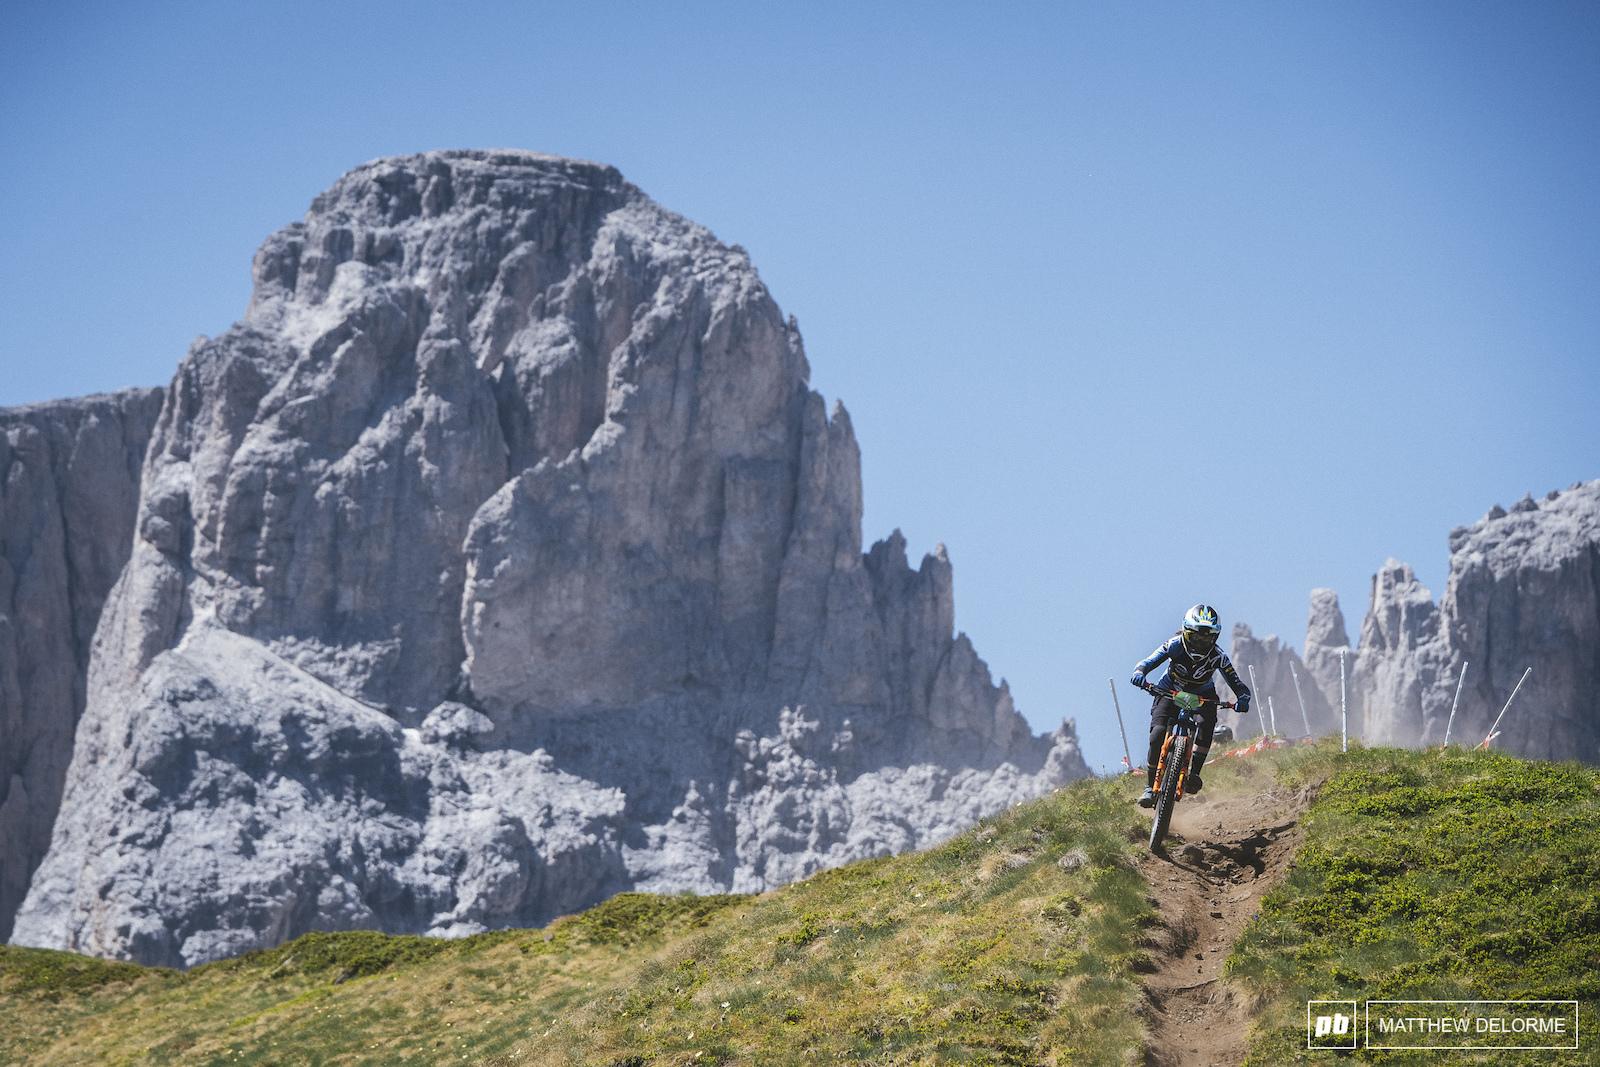 Noga Korem notches the peaks of the Dolomites.